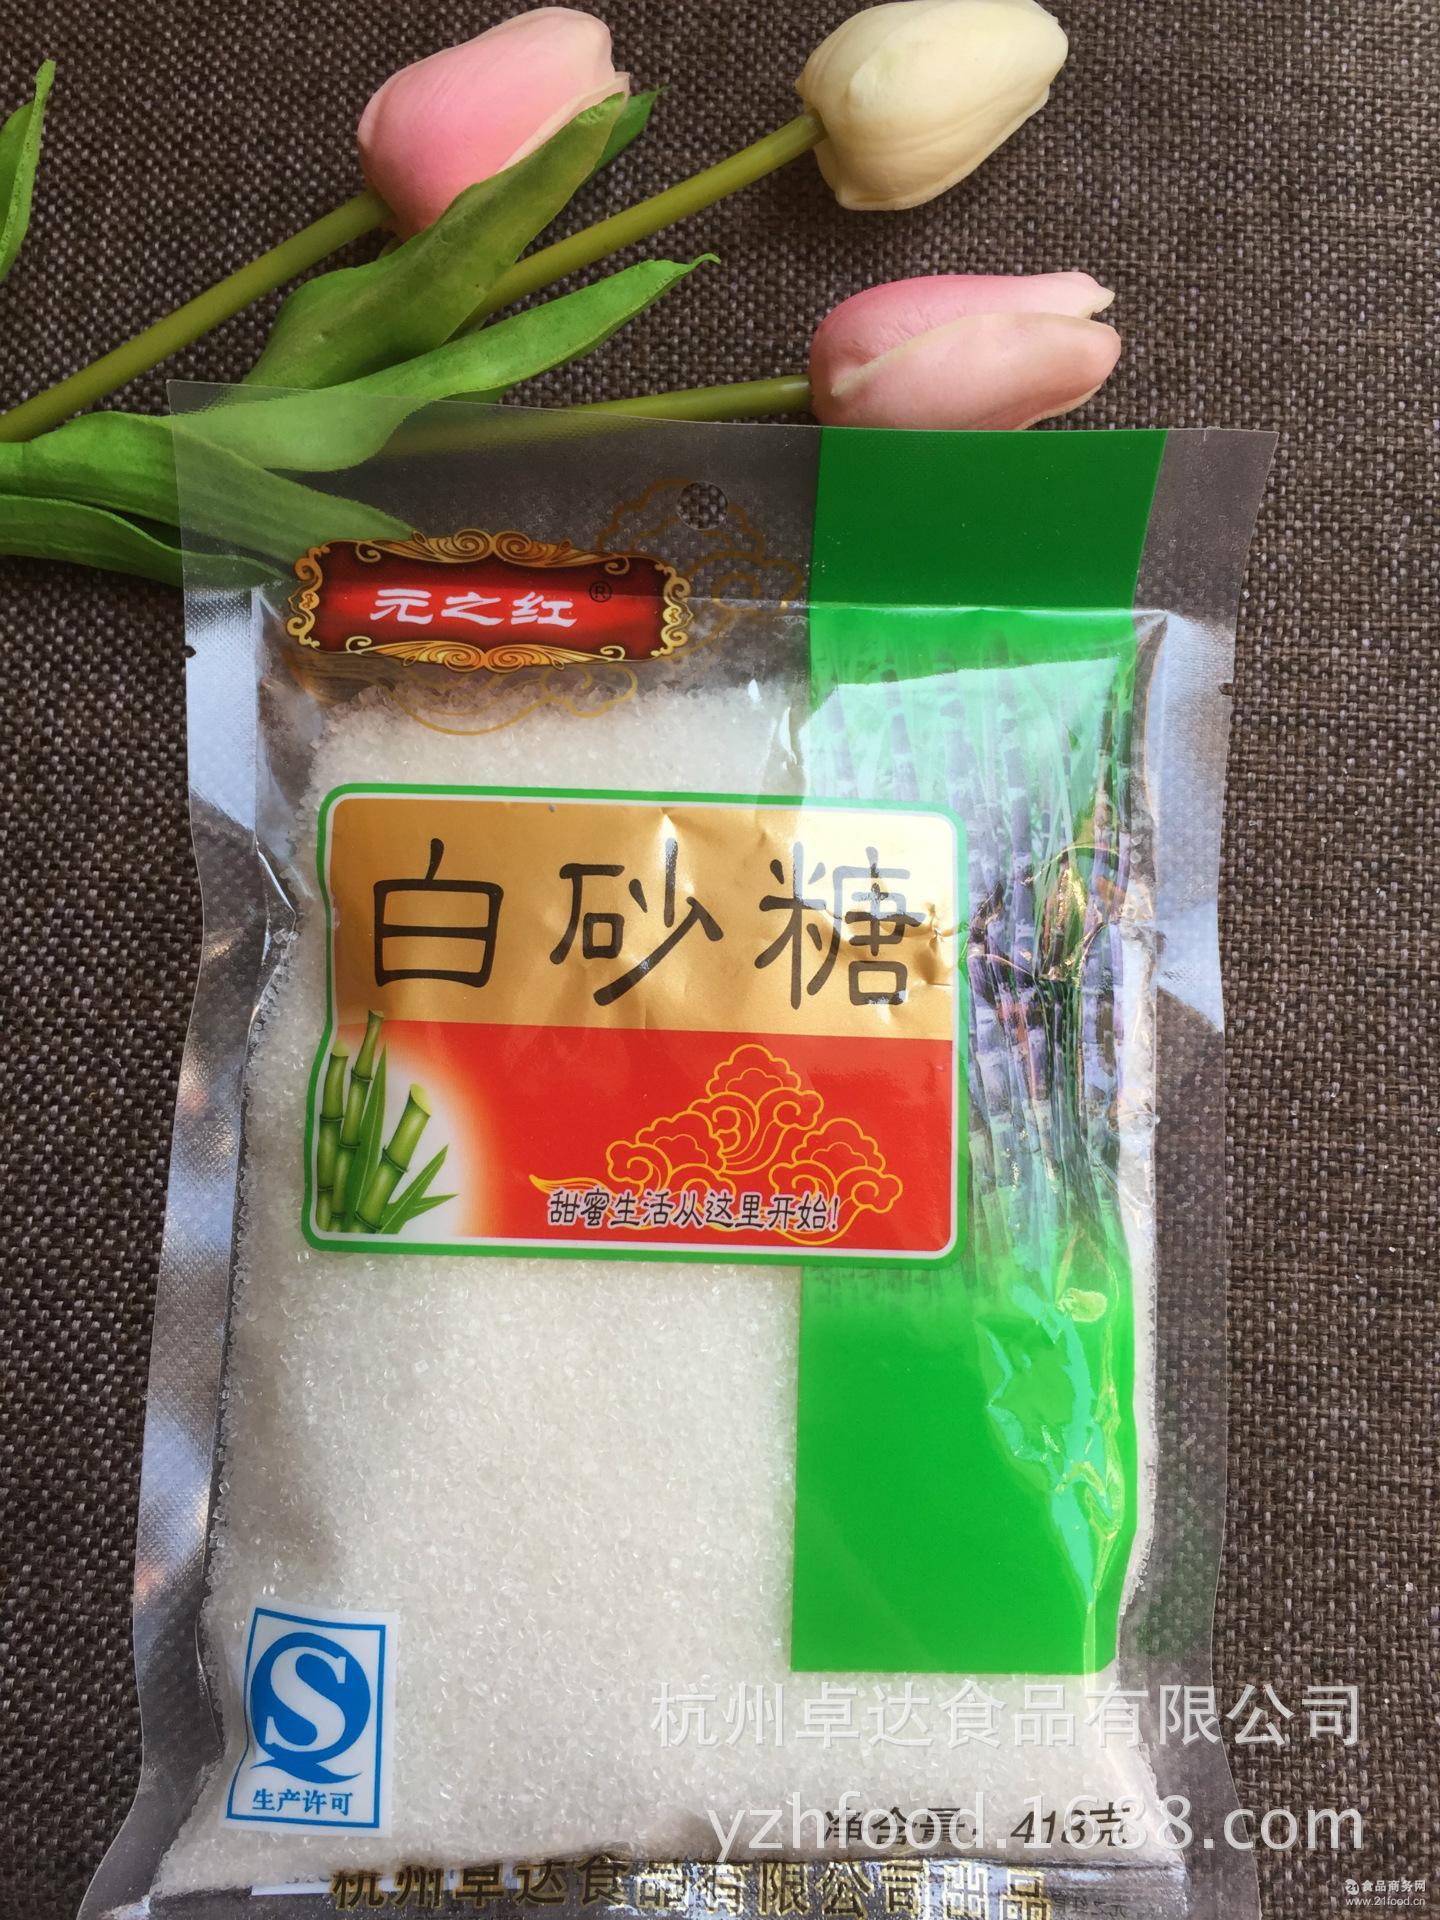 中小超市*烘焙专用甘蔗糖广西白砂糖袋装食用糖厨房调味418g